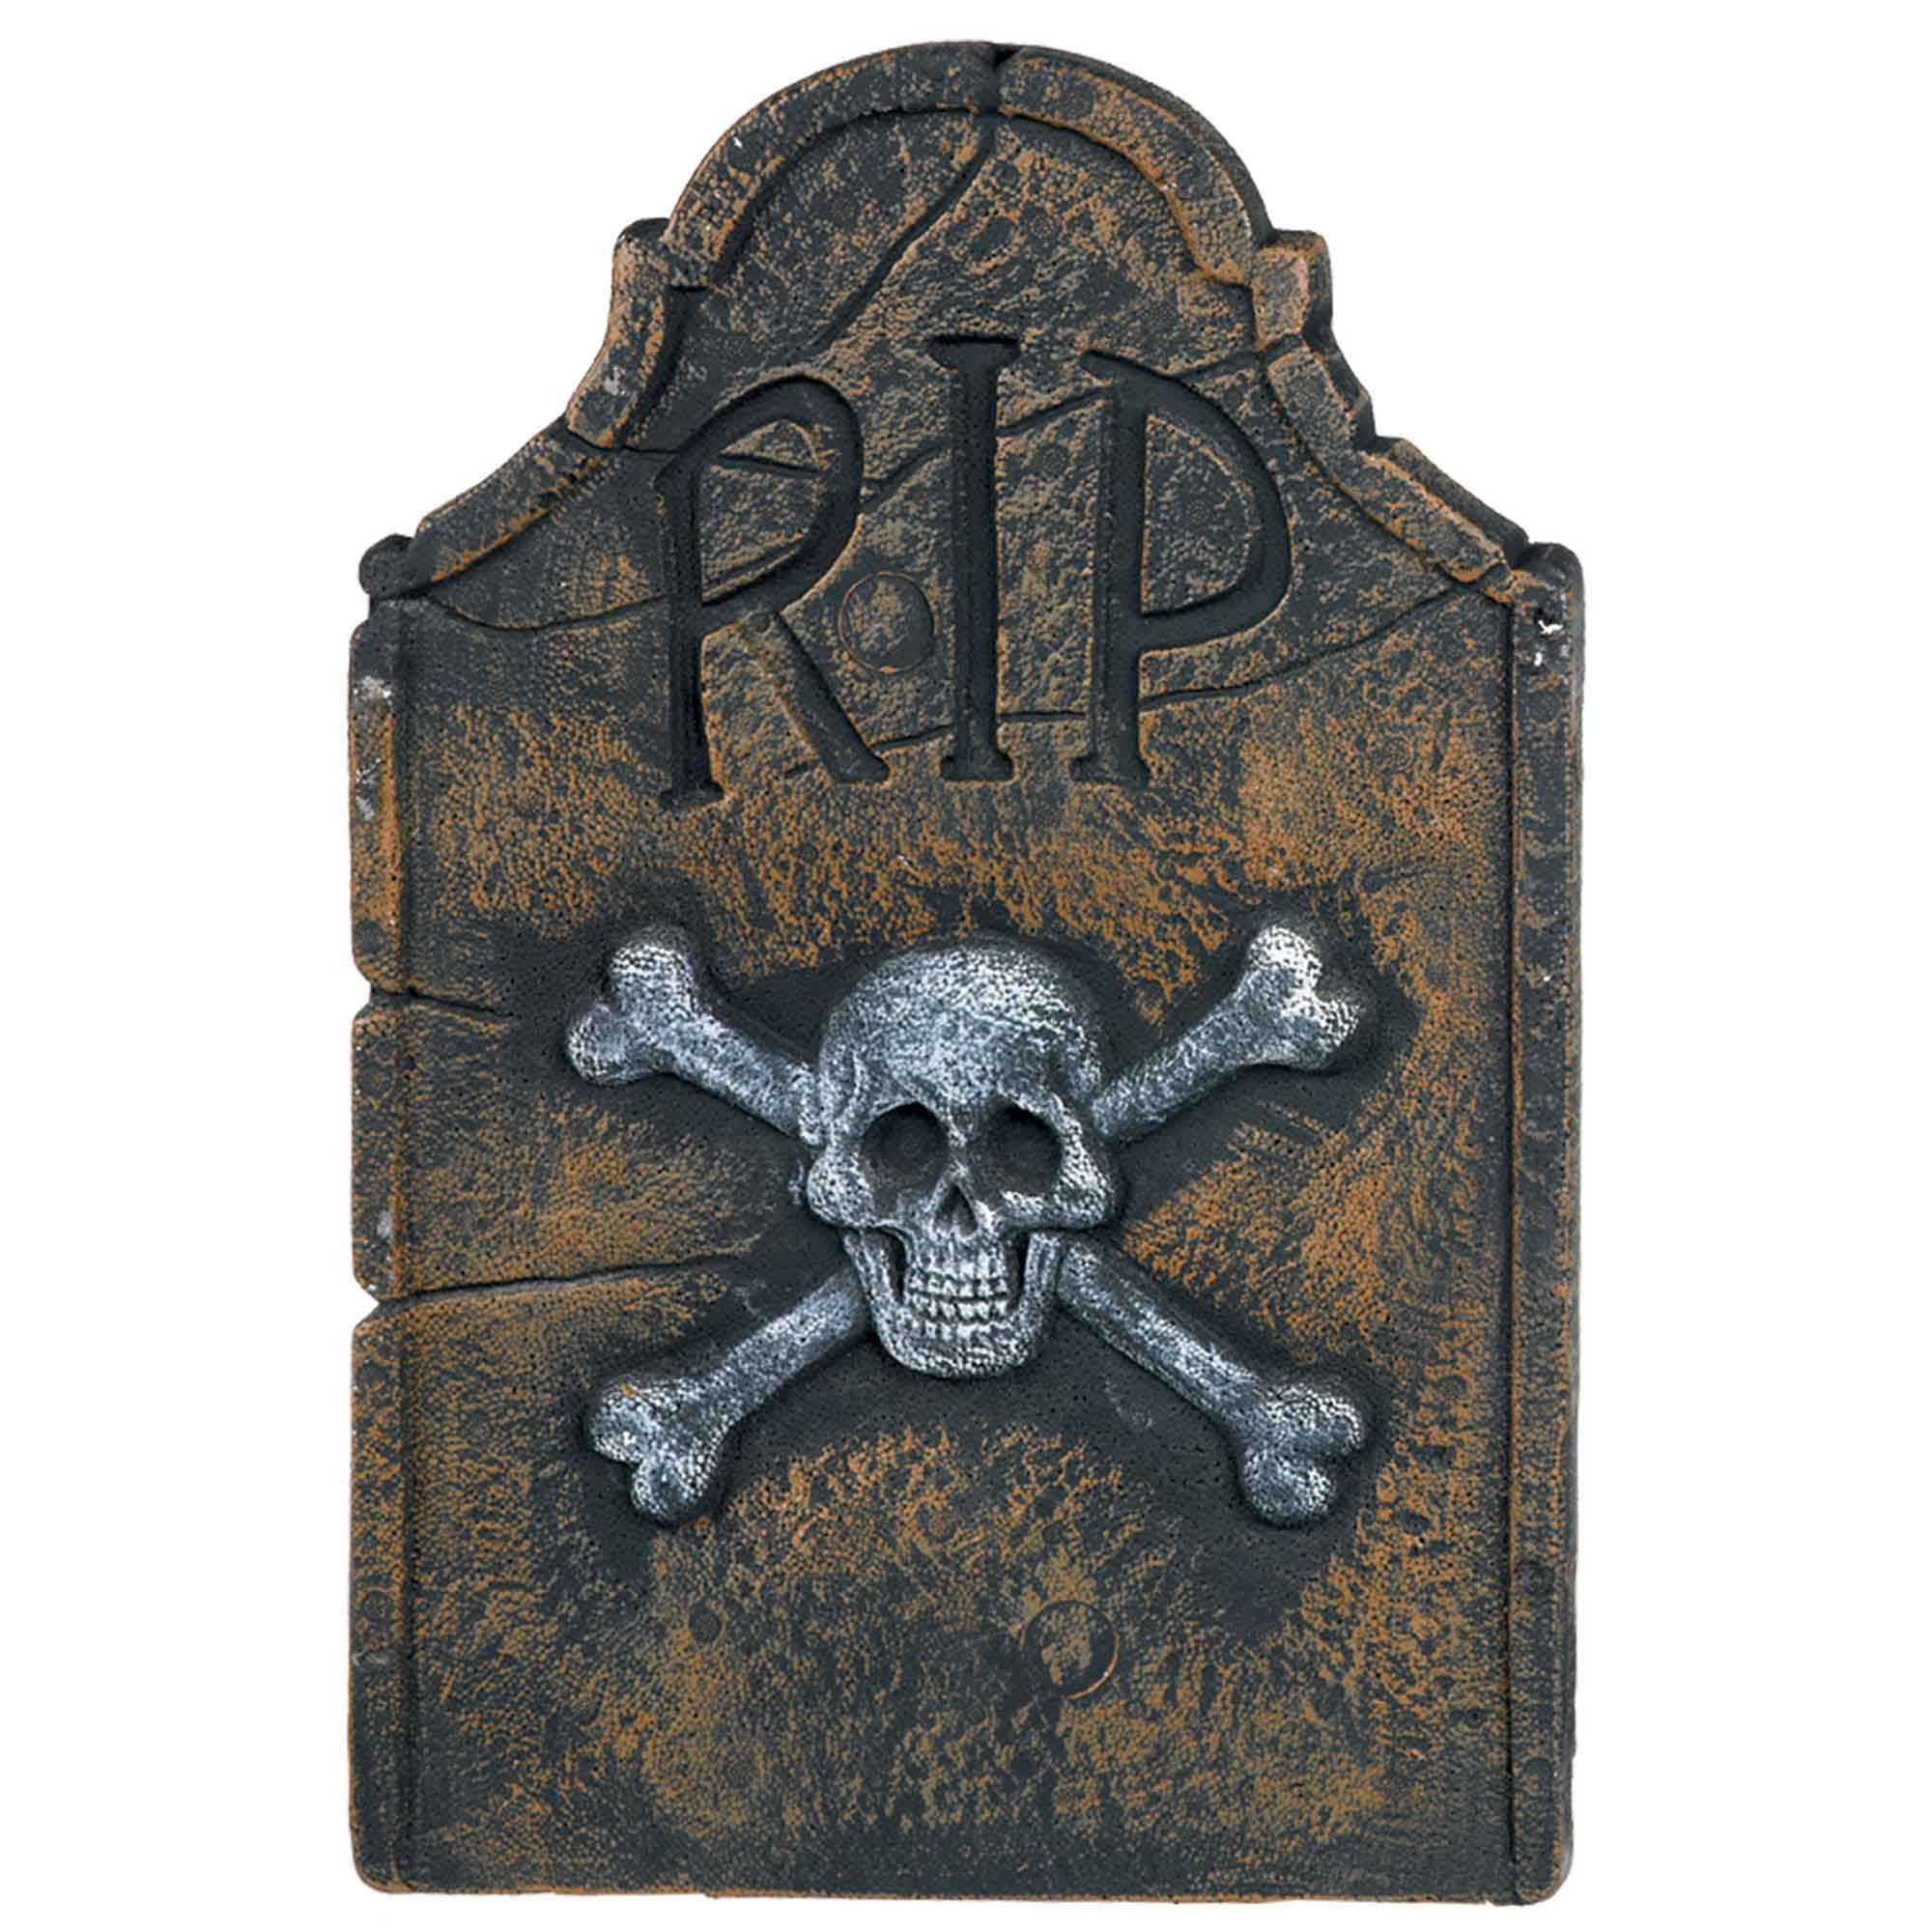 Skull & Crossbones R.I.P Styrofoam Tombstone Decoration